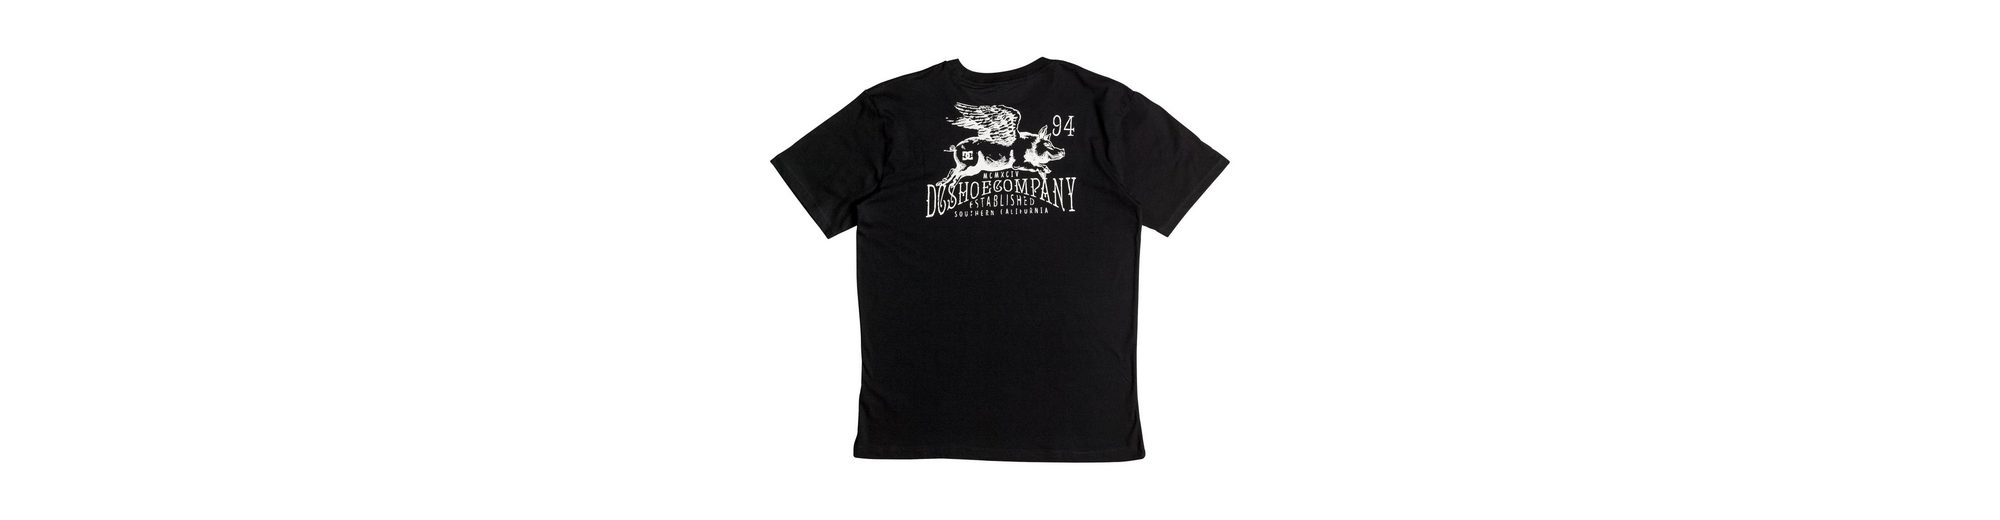 Erscheinungsdaten Günstig Online Besuchen Neue Günstig Online DC Shoes T-Shirt Dead Pusher - T-Shirt Extrem Günstiger Preis SdYZOgNcu4